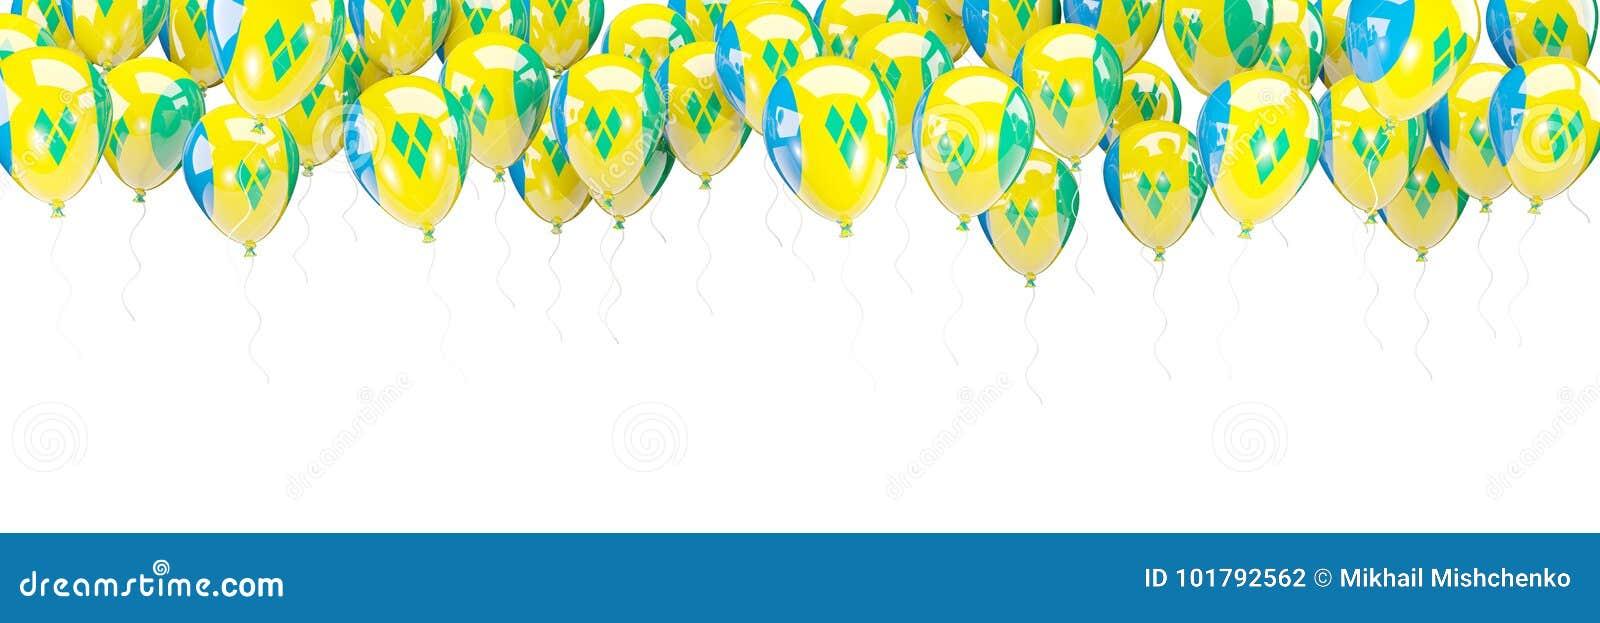 Ballonger inramar med flaggan av Saint Vincent och Grenadinerna